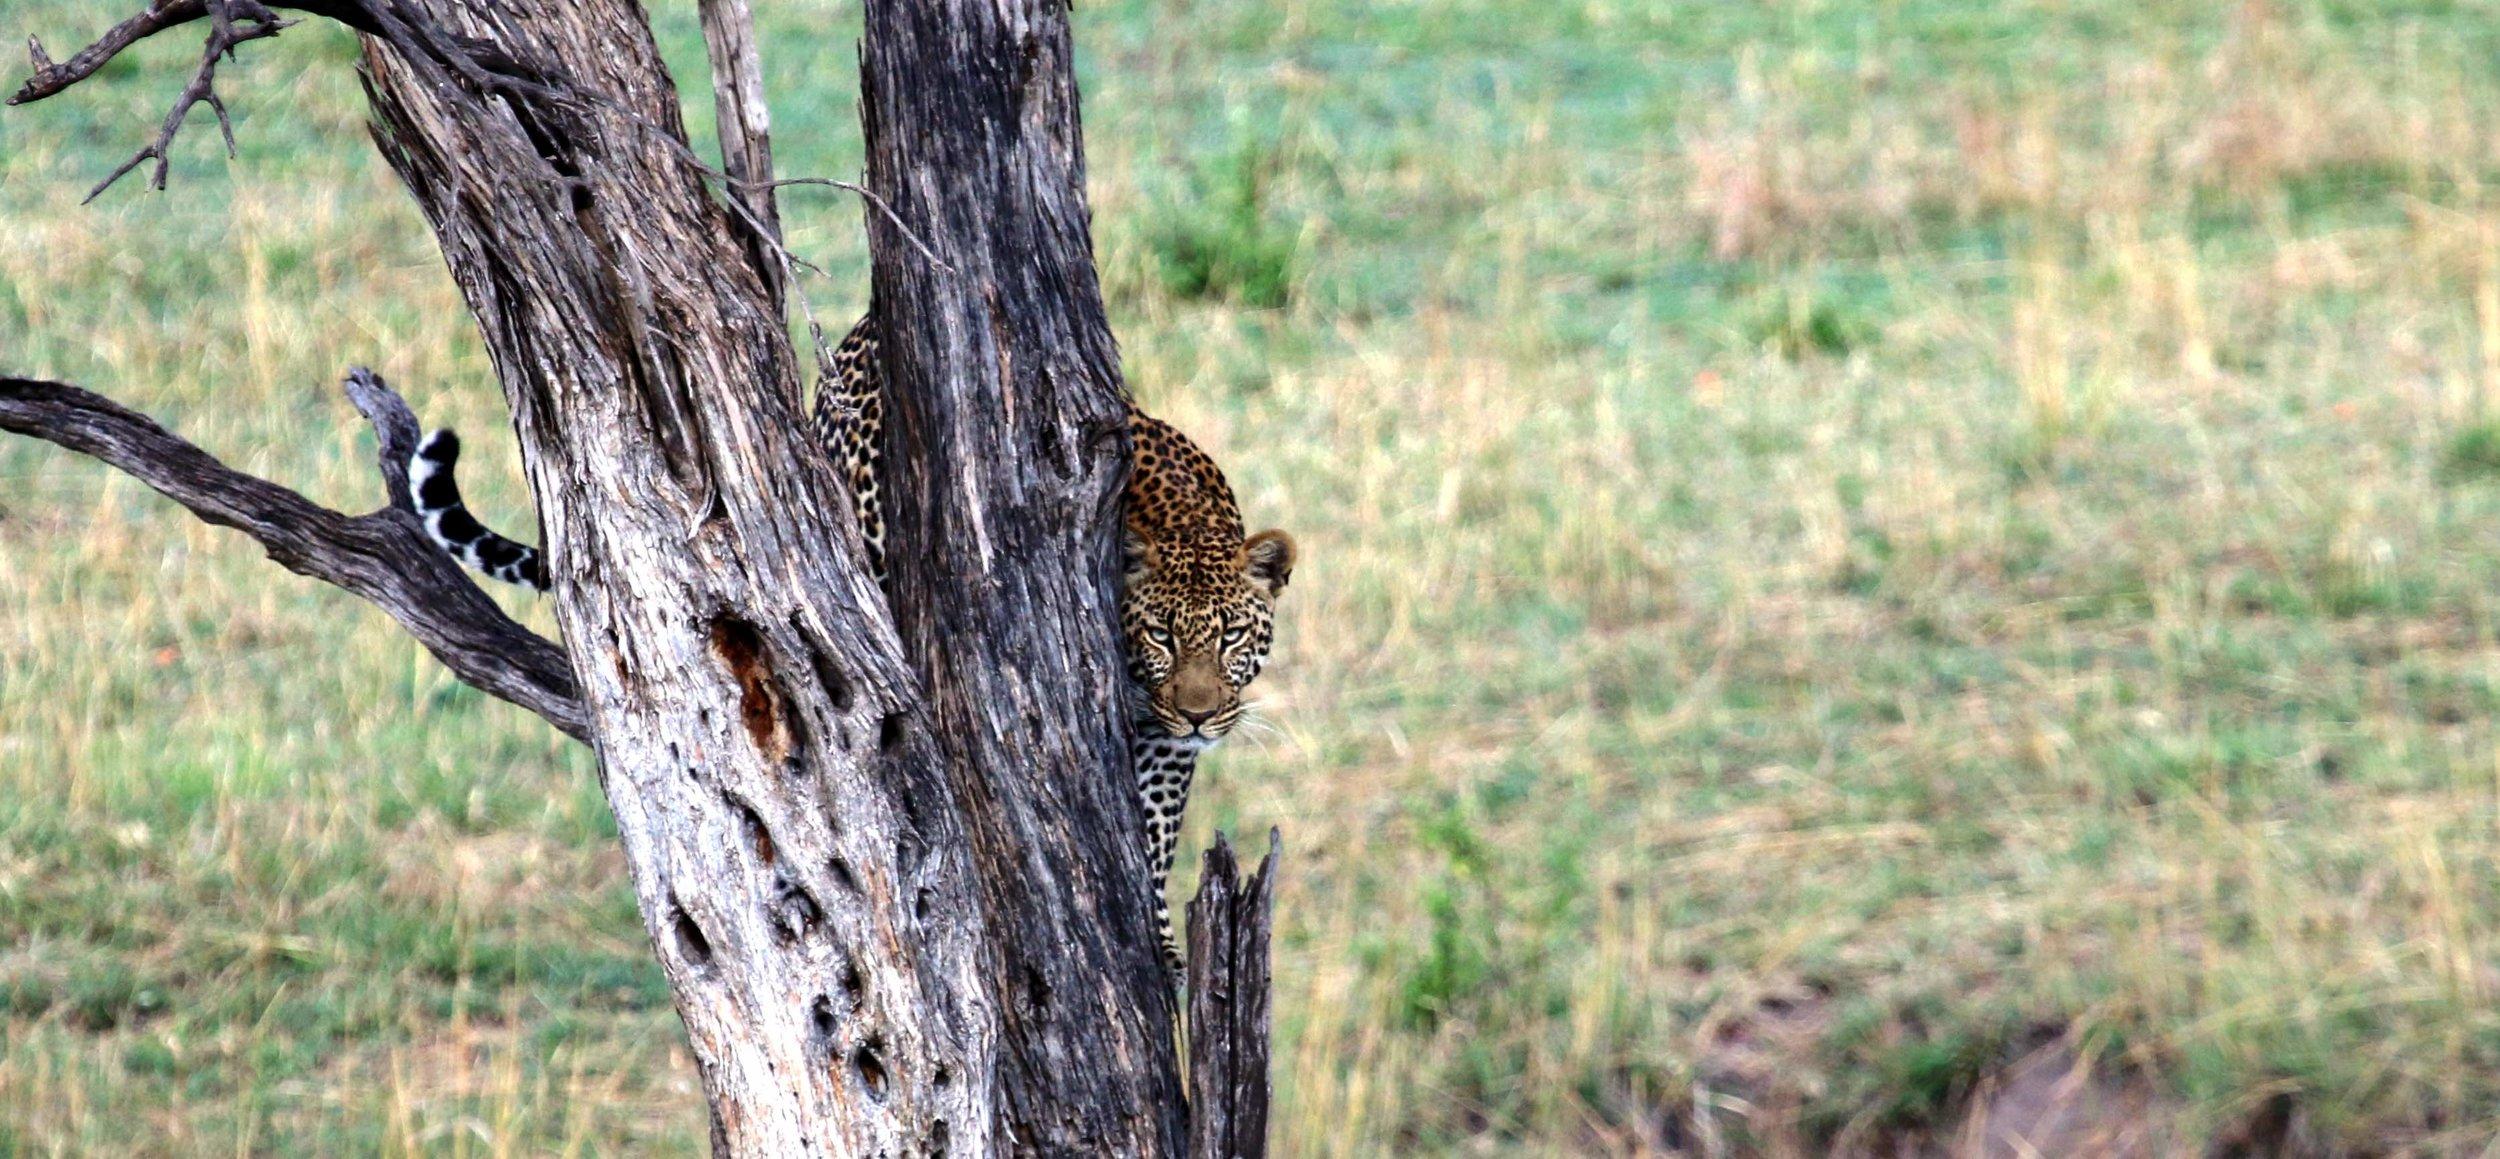 Leopard im Baum : Kann nur überleben, wenn er effizient geschützt wird |  © Foto KET